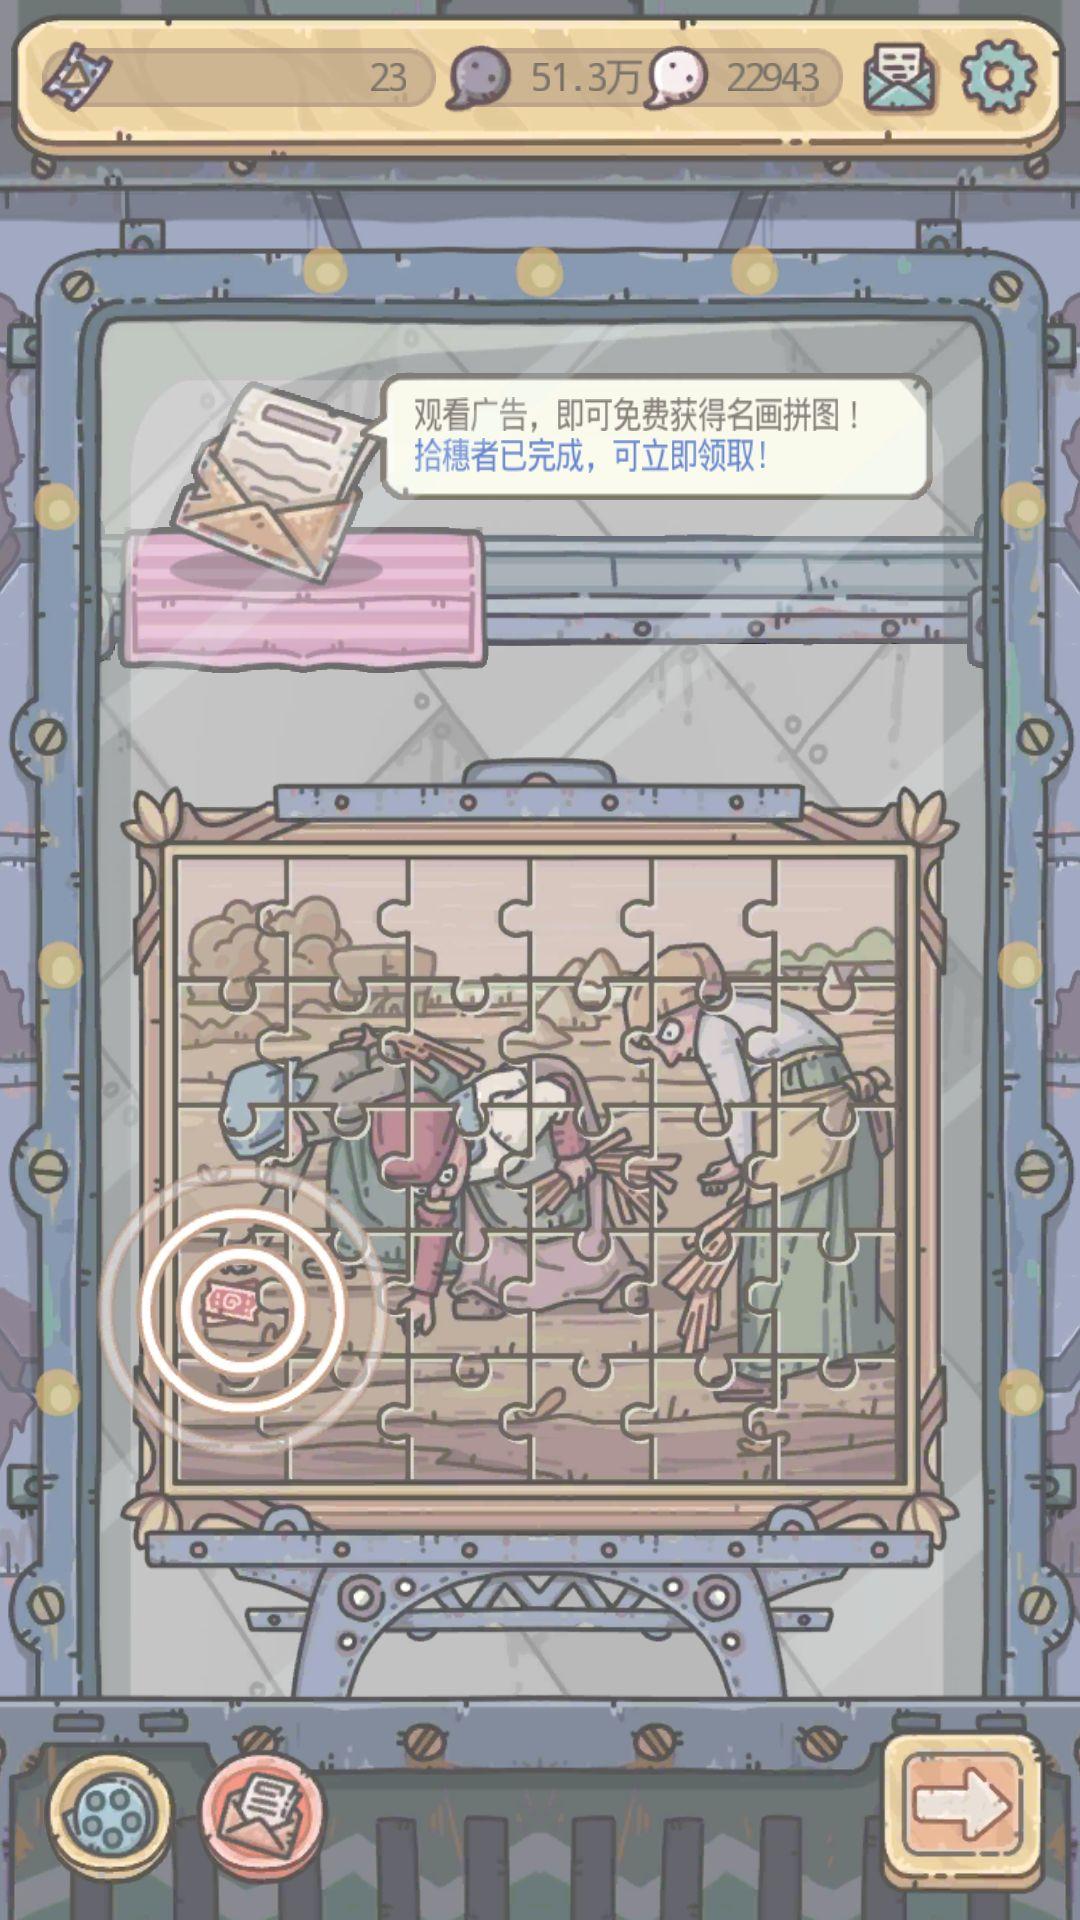 《最强蜗牛》小扎拼图活动奖励介绍